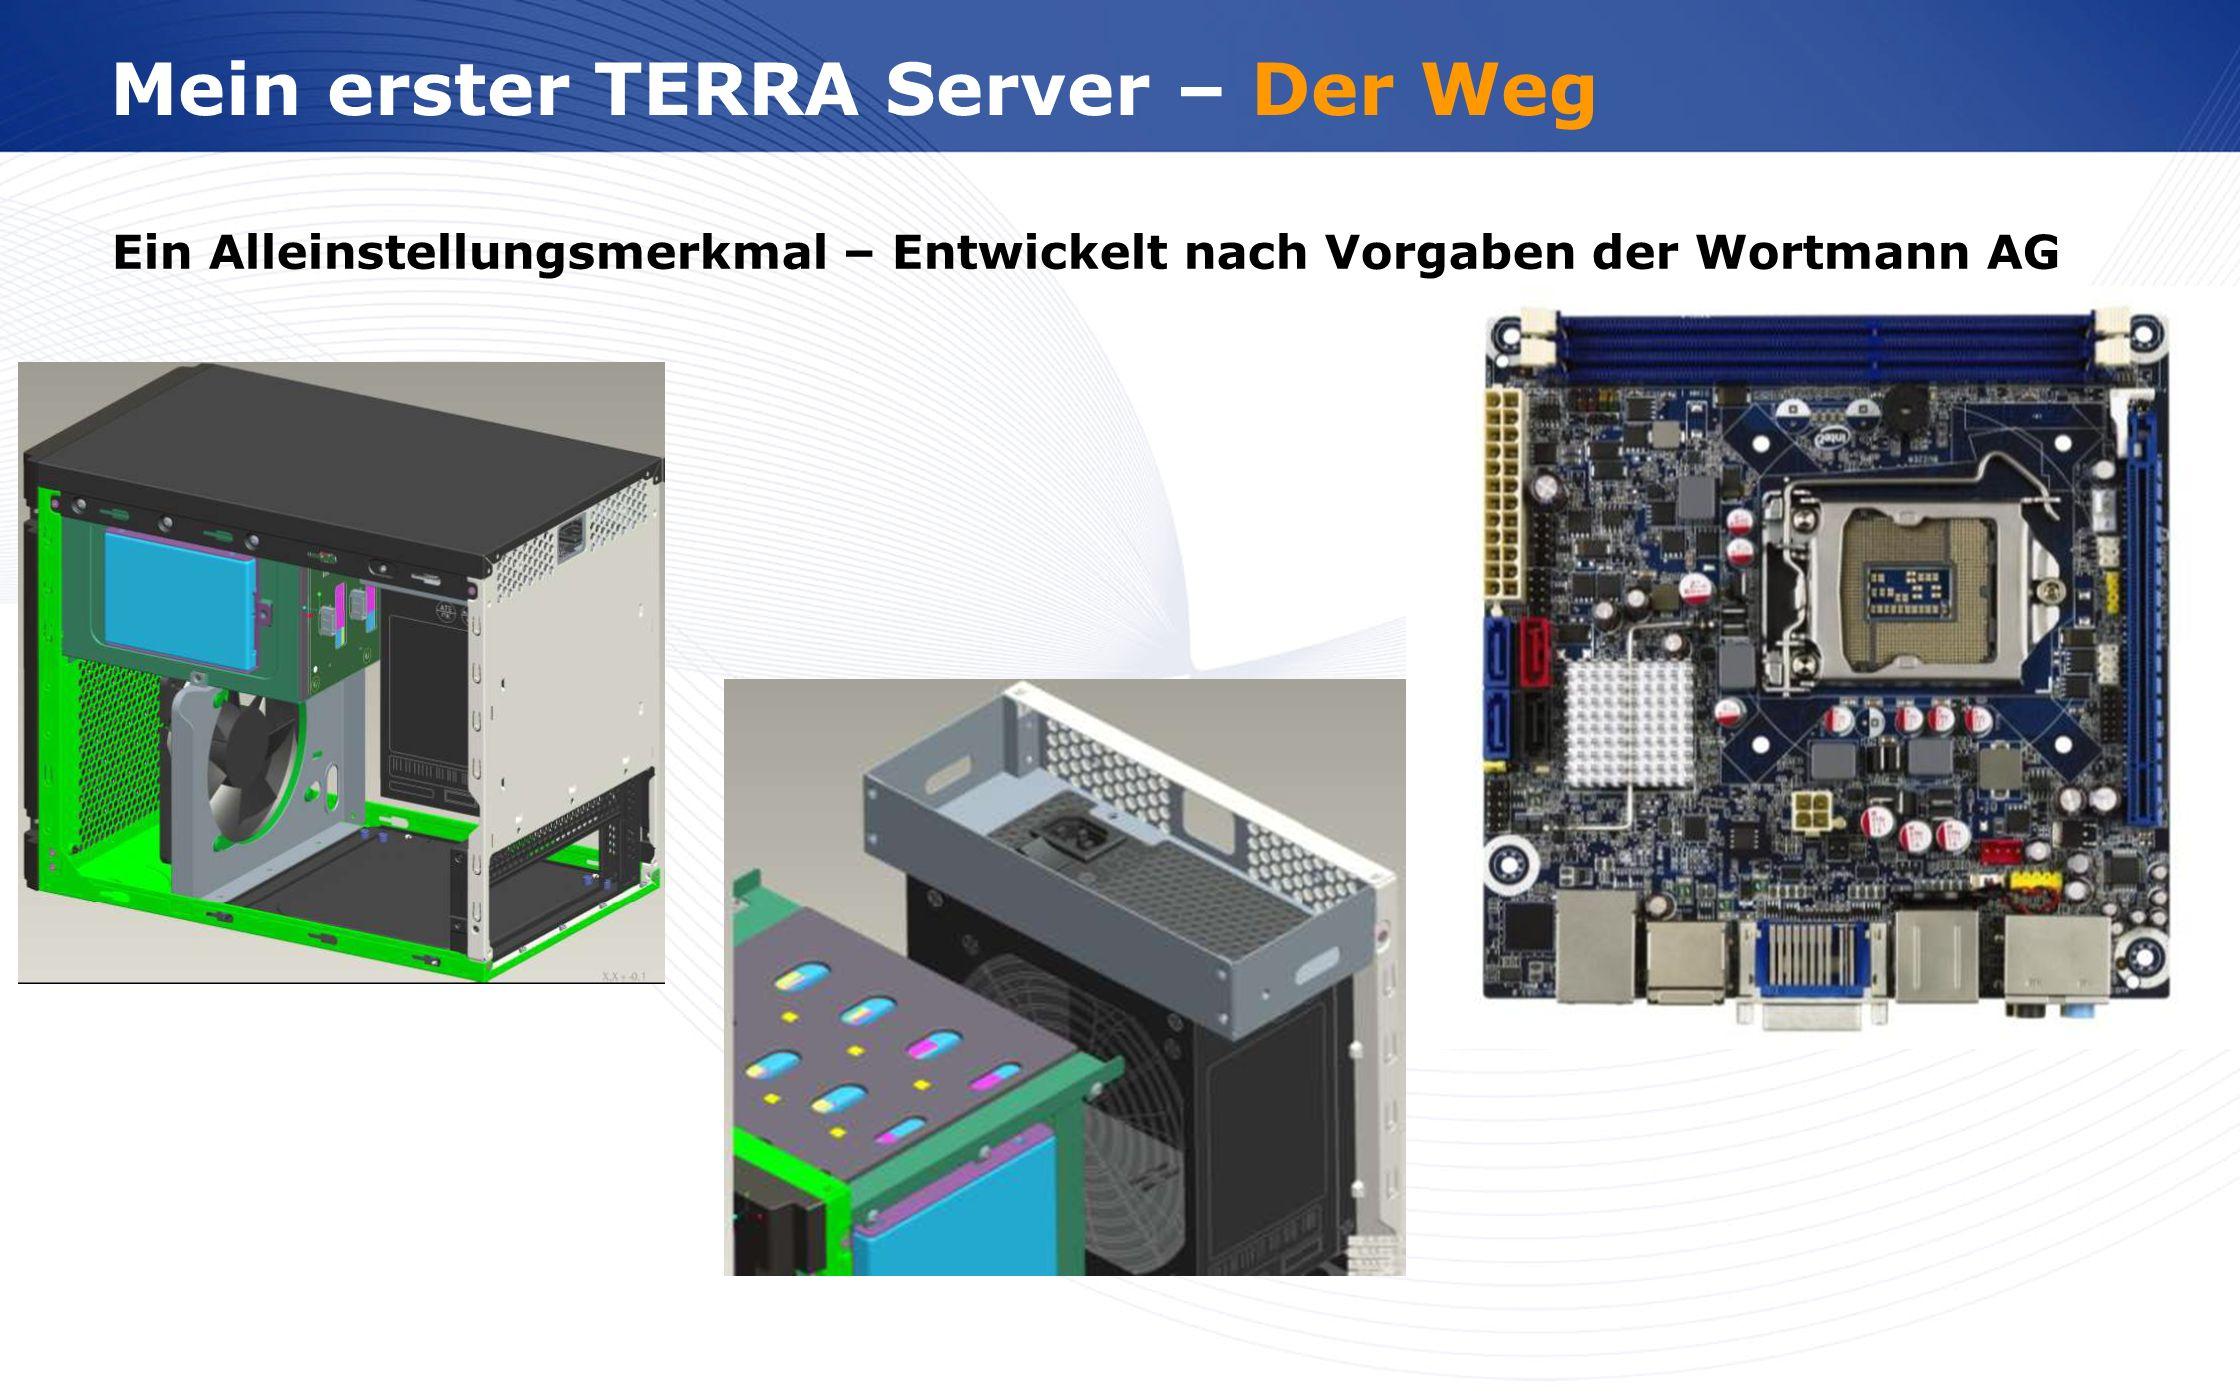 Mein erster TERRA Server – Der Weg